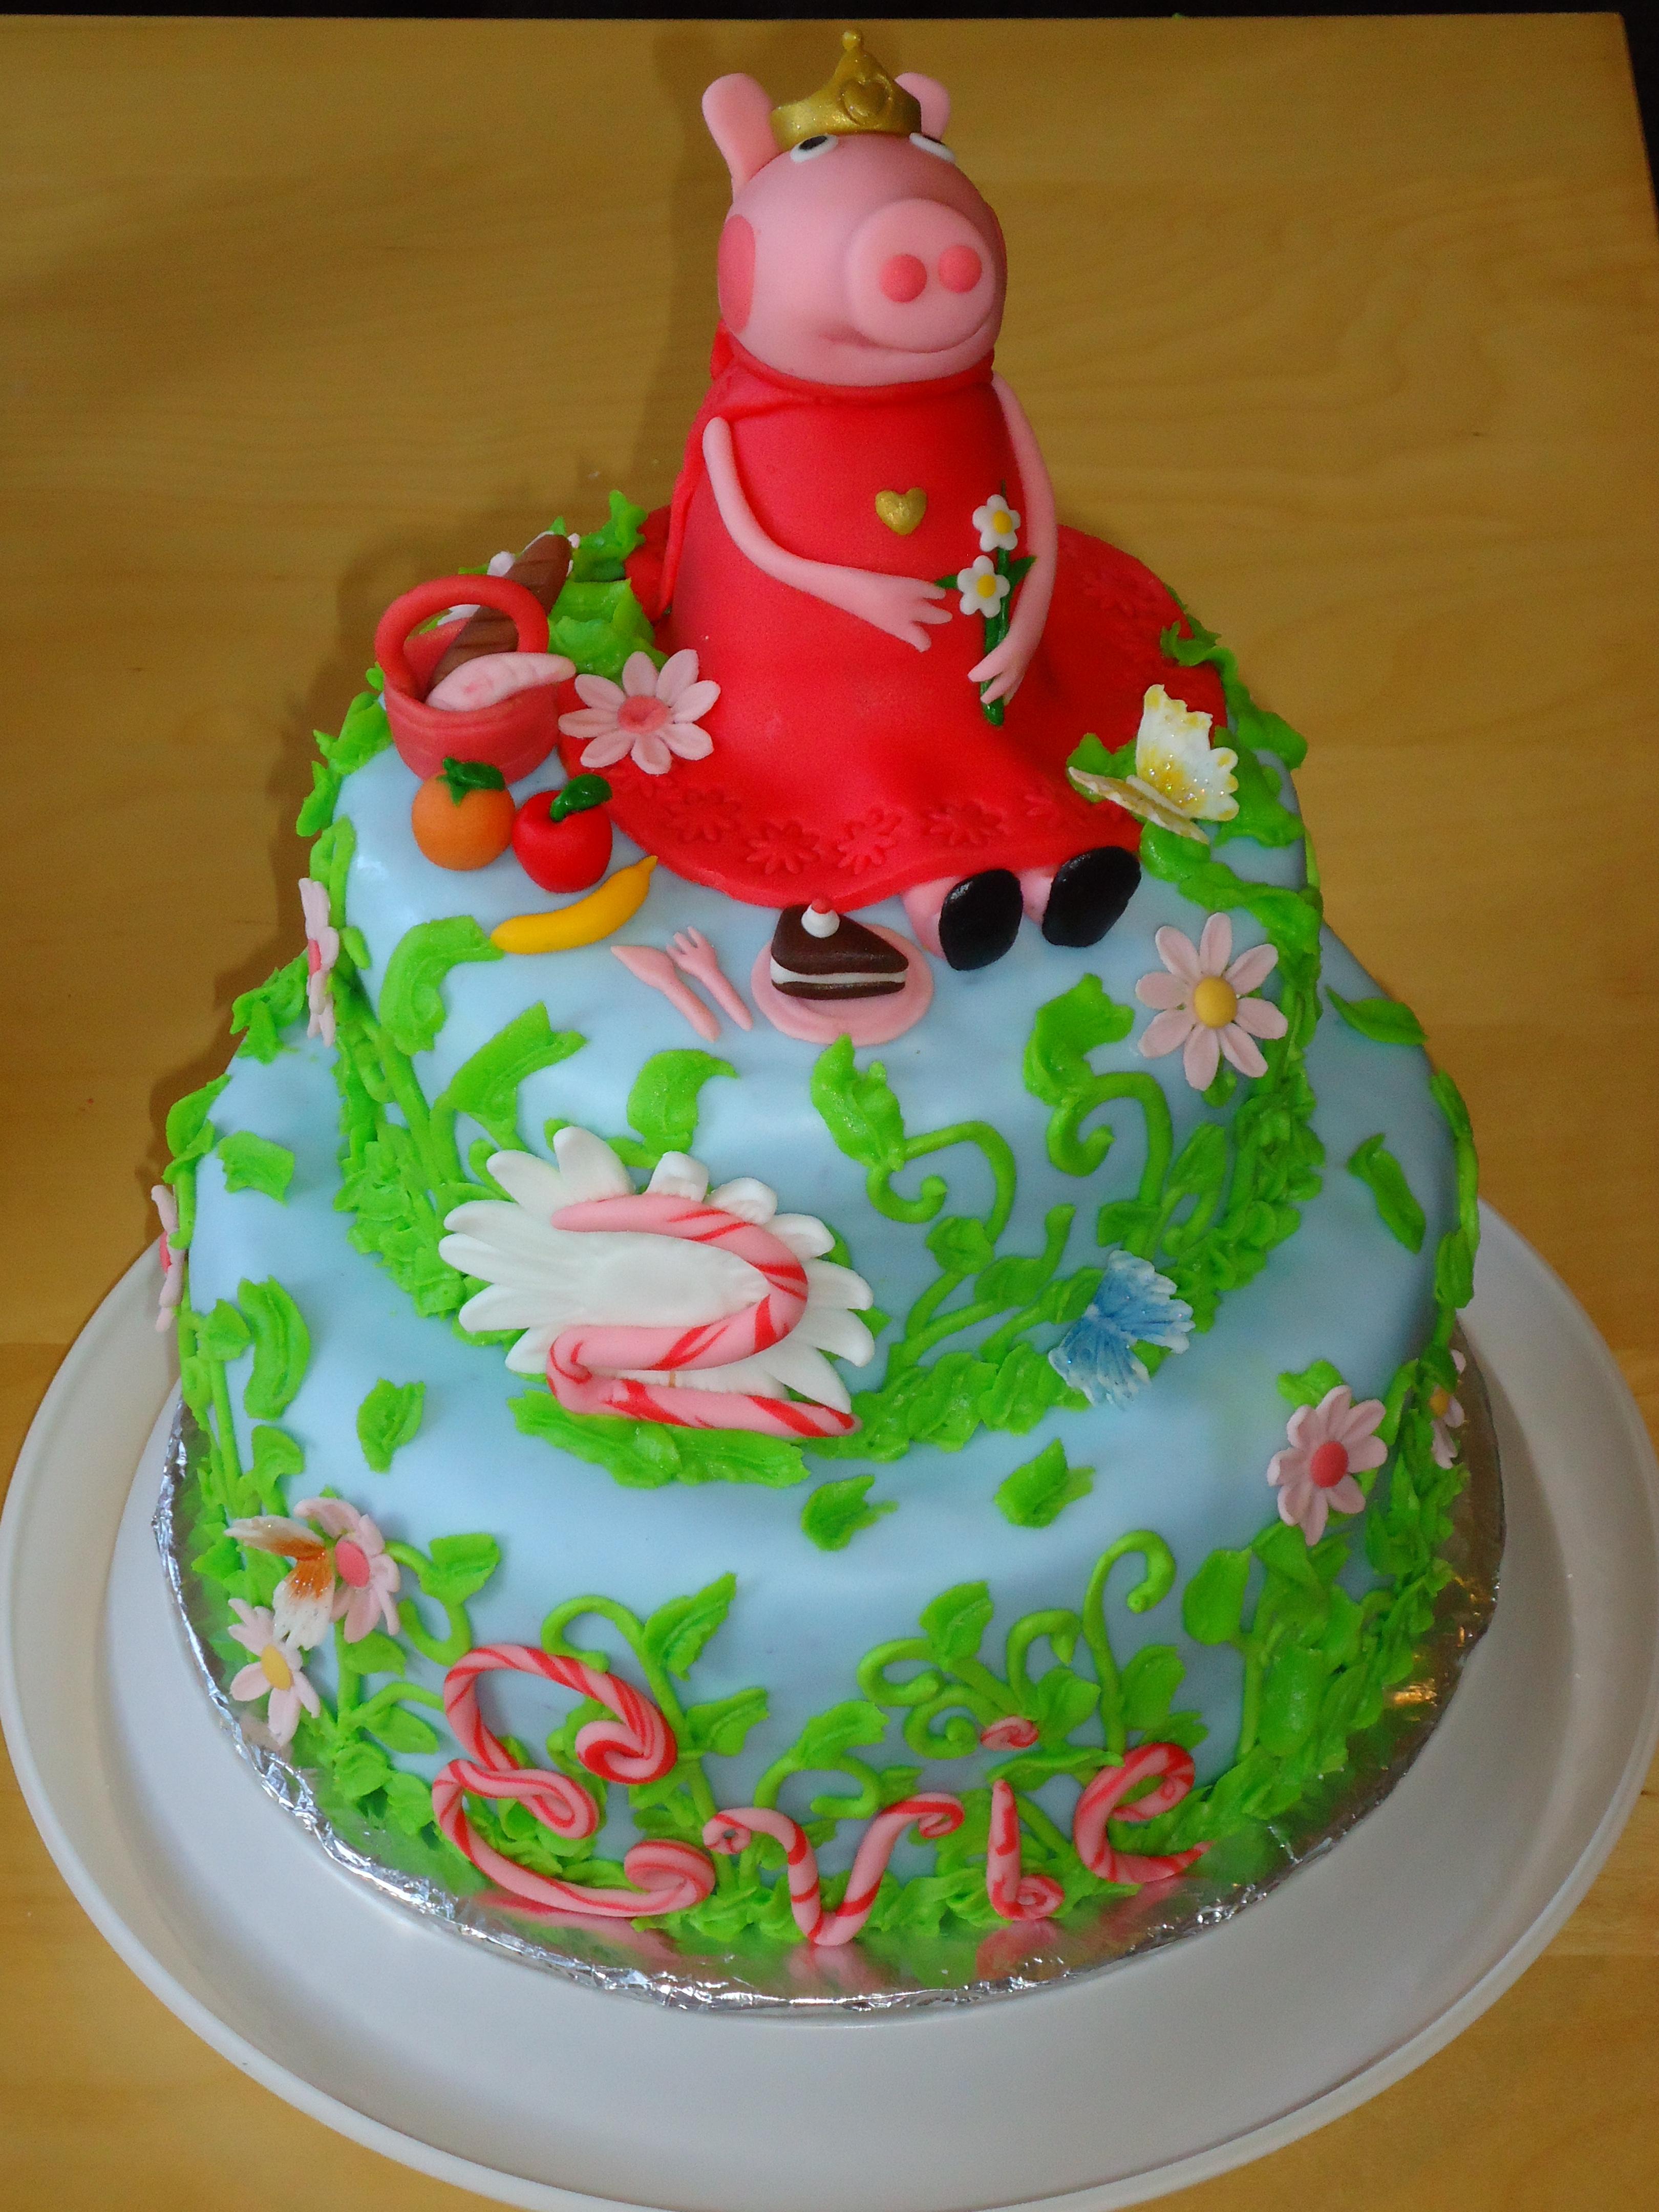 Octonauts Birthday Cake Chocolate Fudge Cake With Chocolate